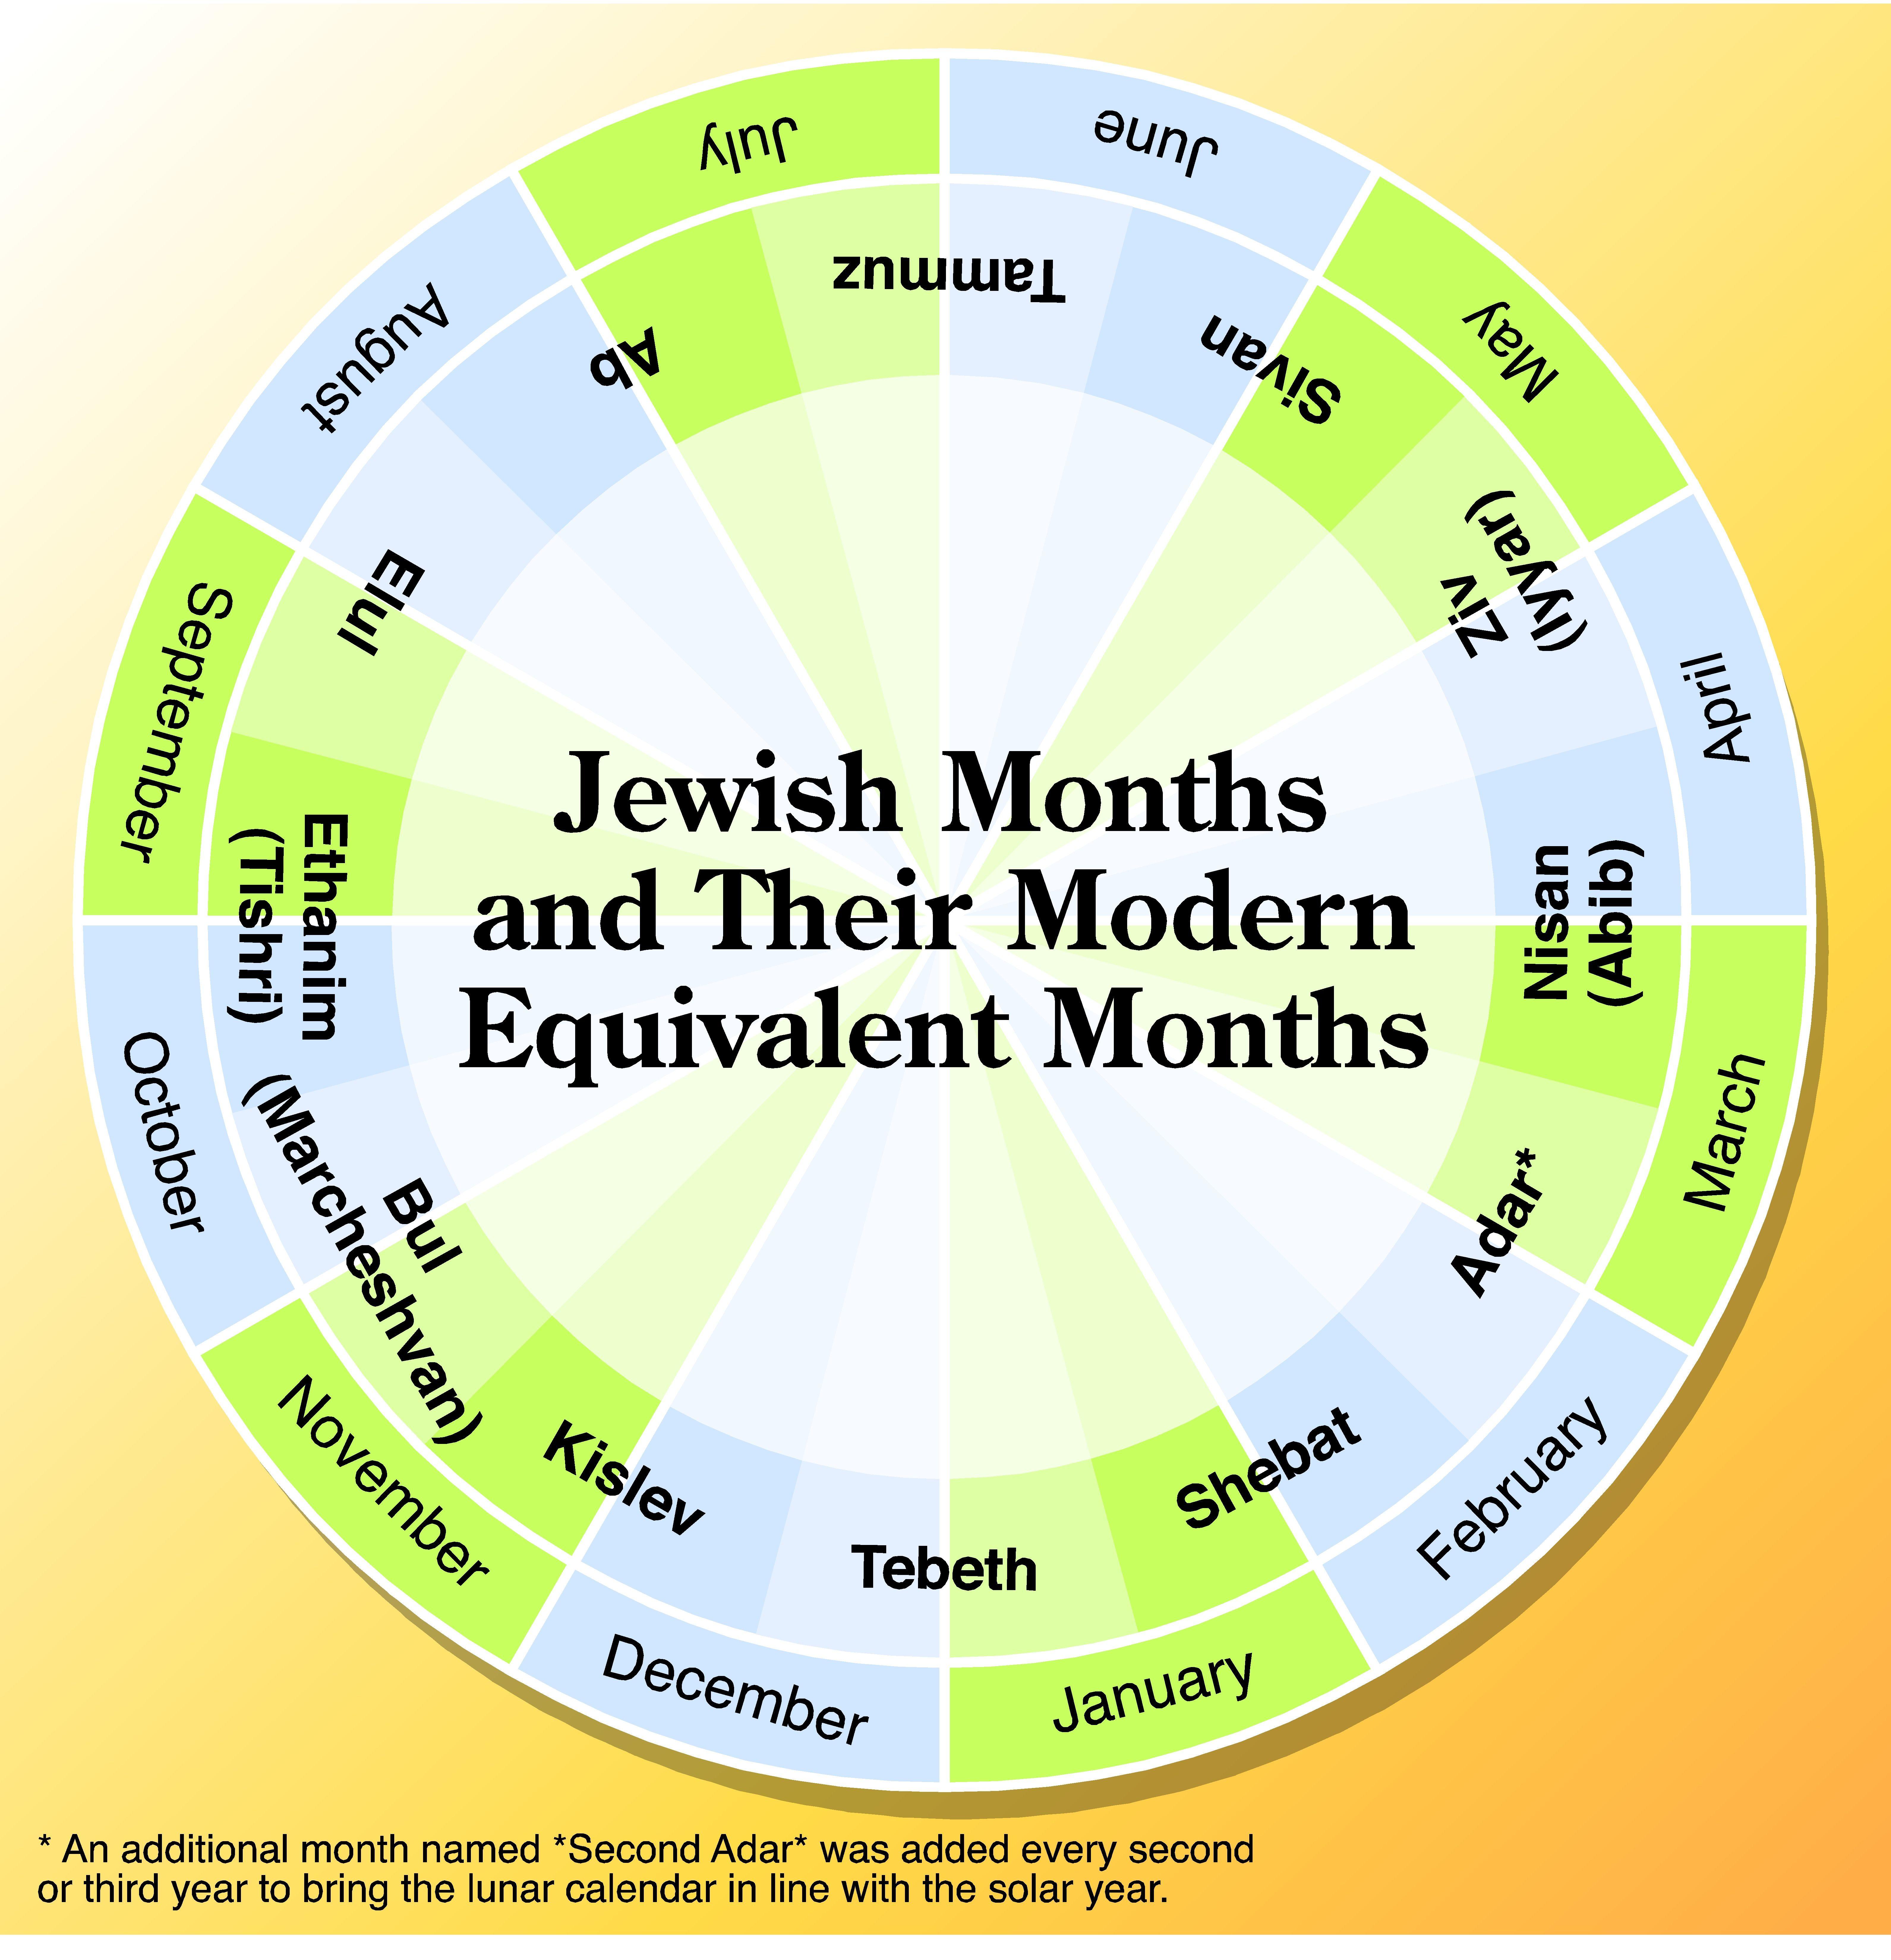 Hebrew date today in Australia